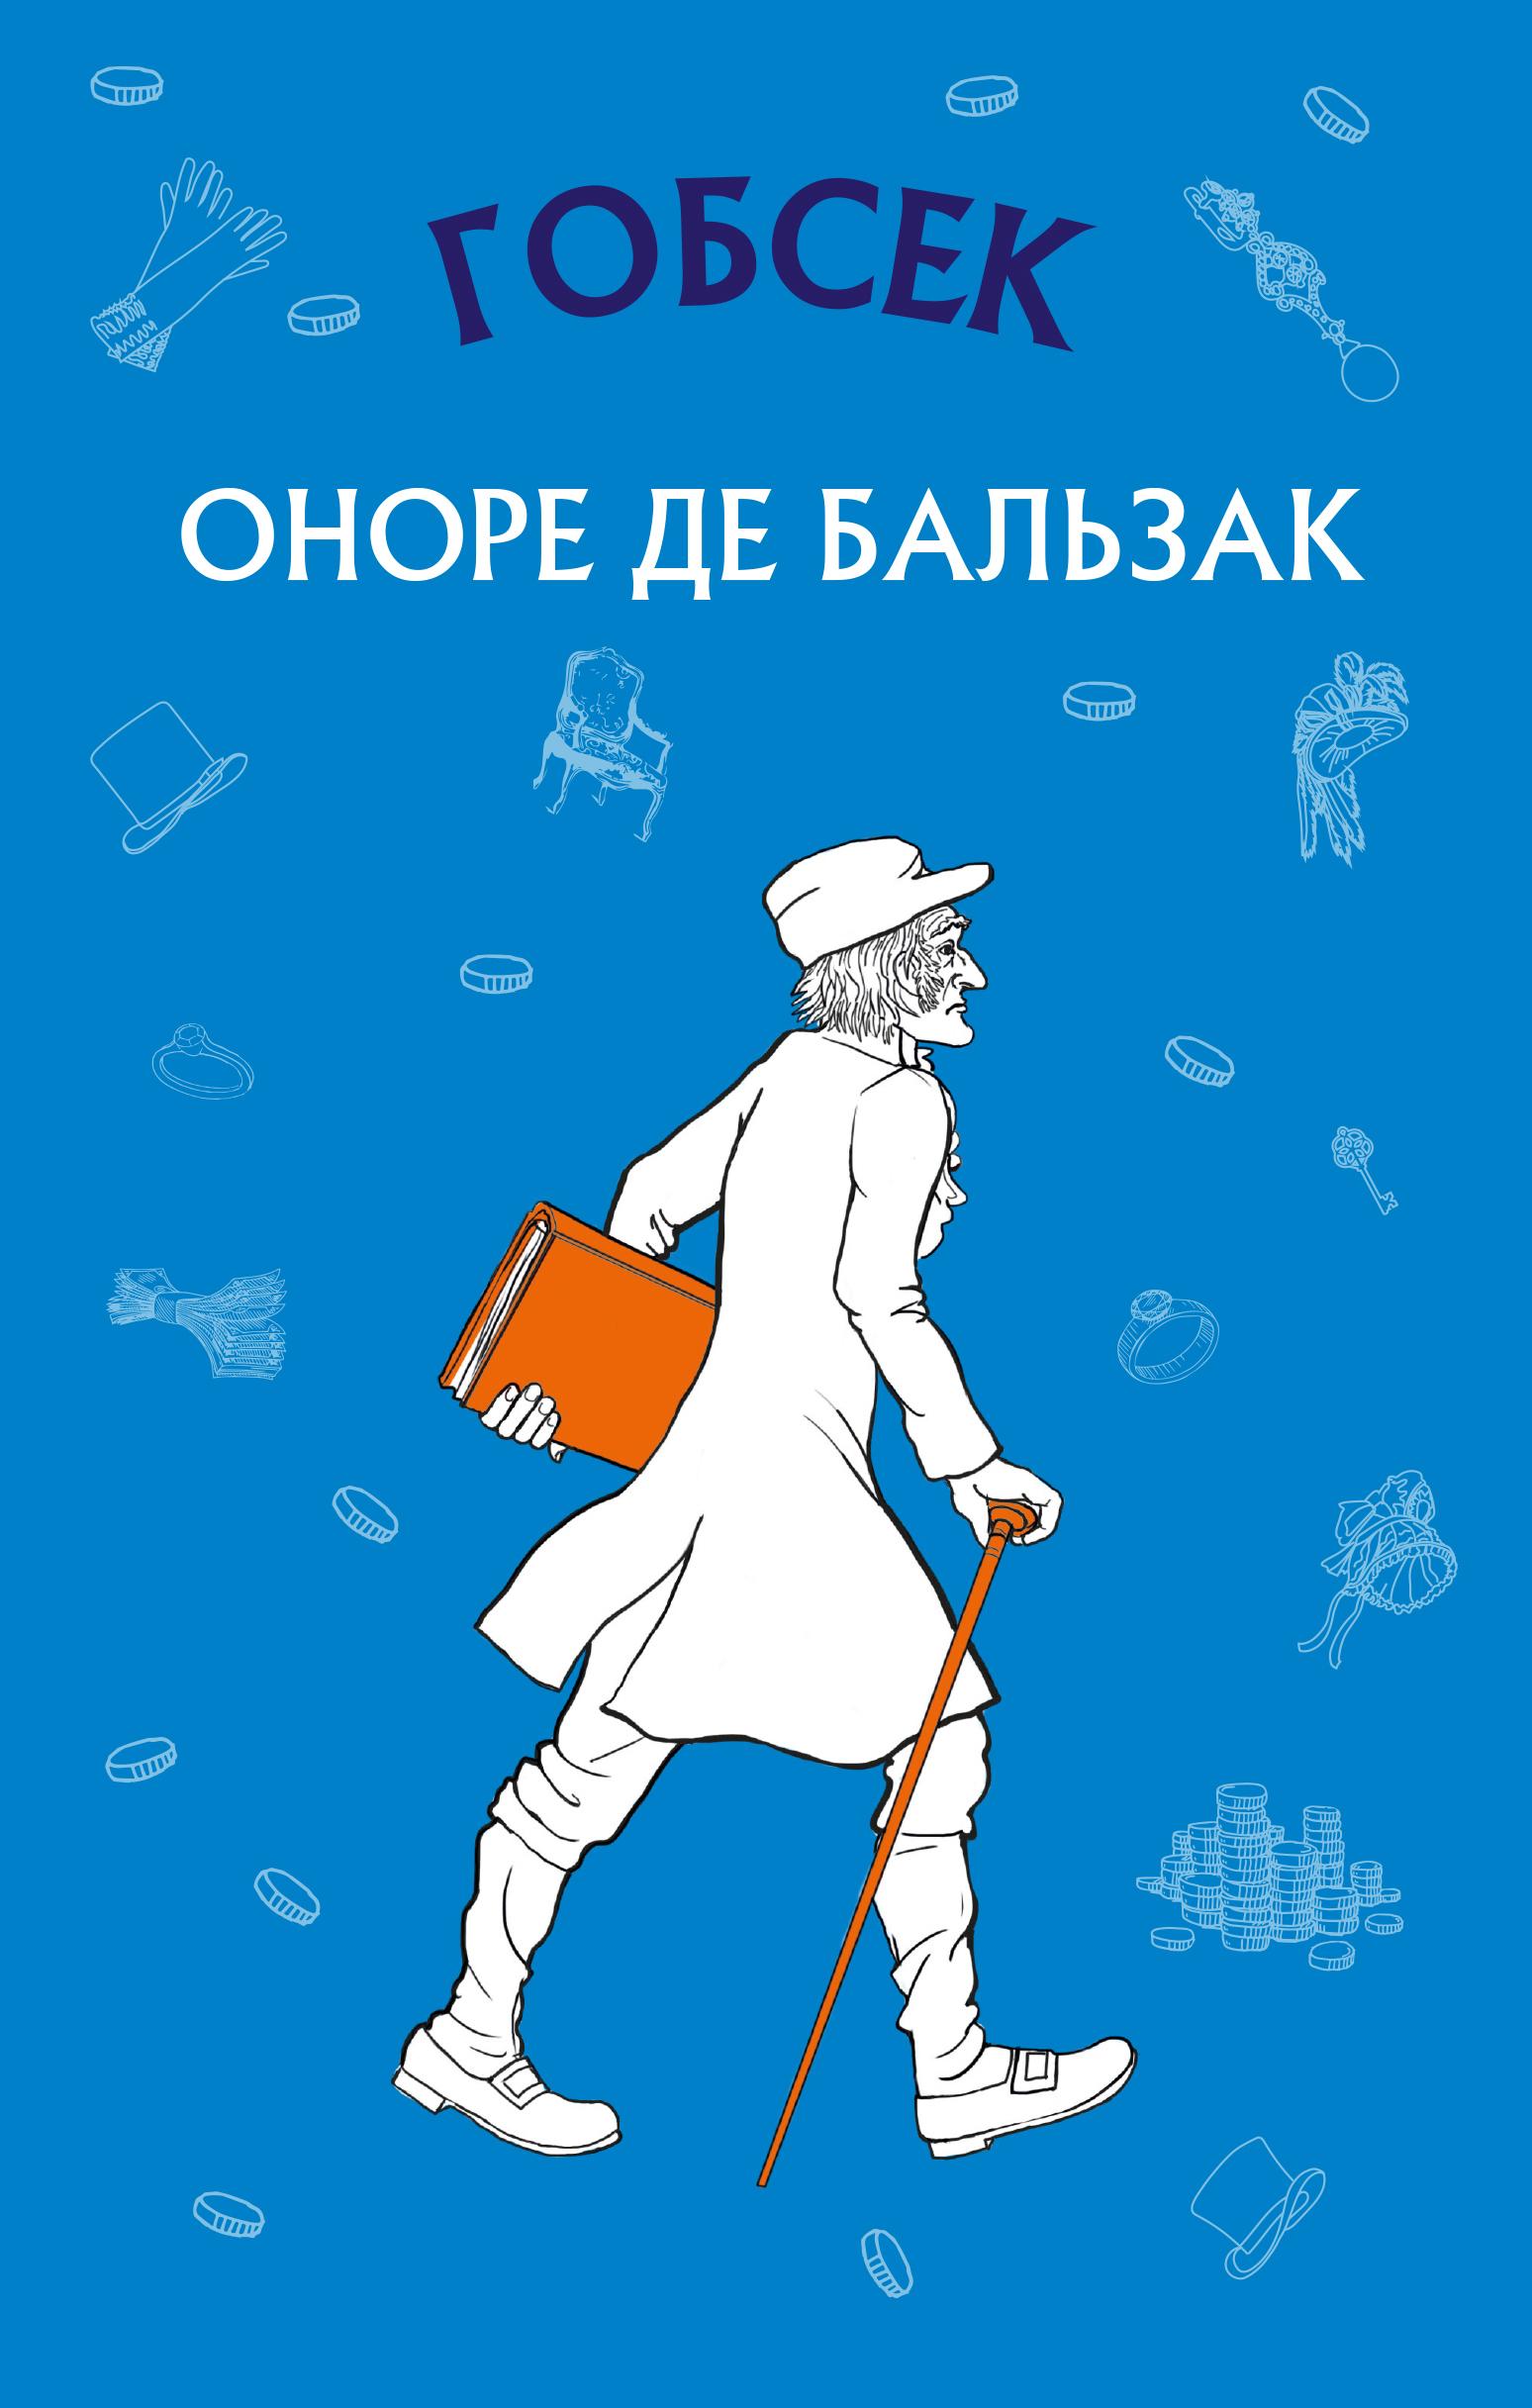 Купить Проза, Гобсек, BookChef